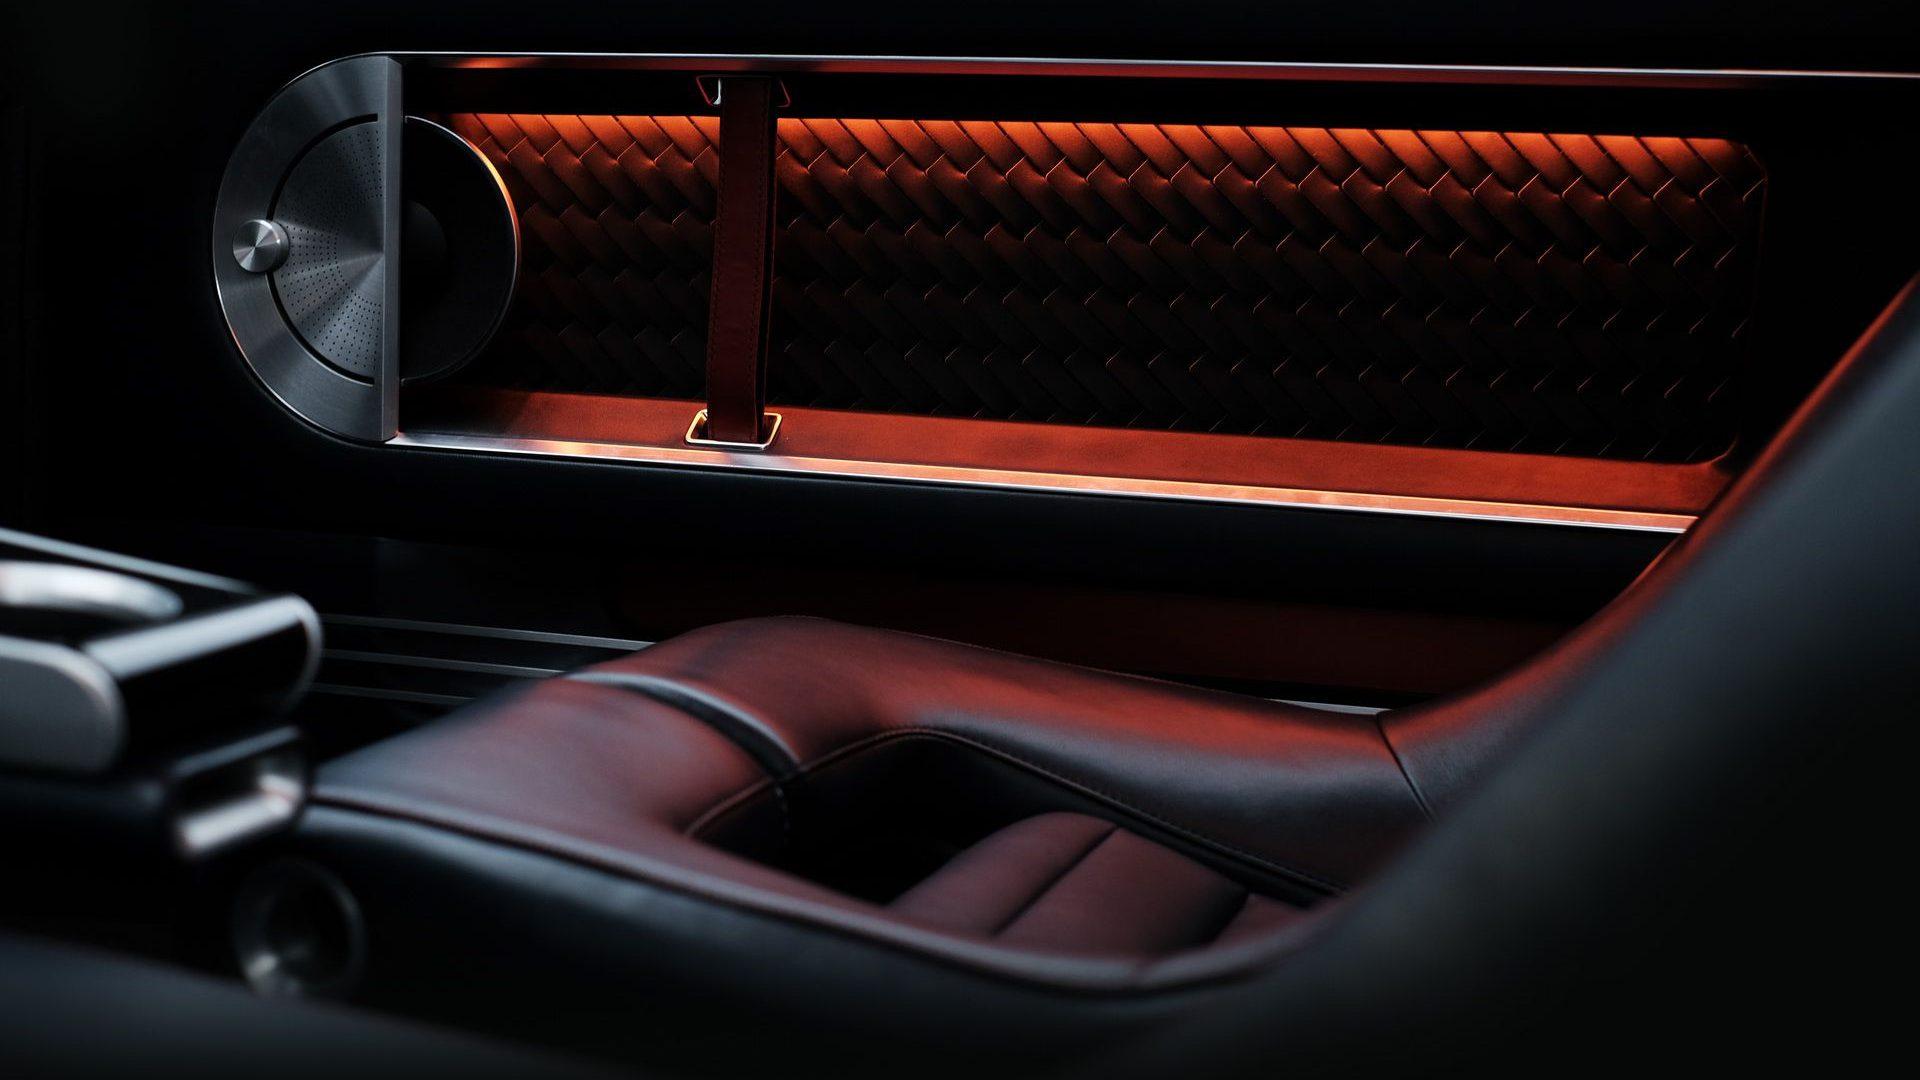 2021-Hyundai-Pony-EV-Show-Car-Interior-12